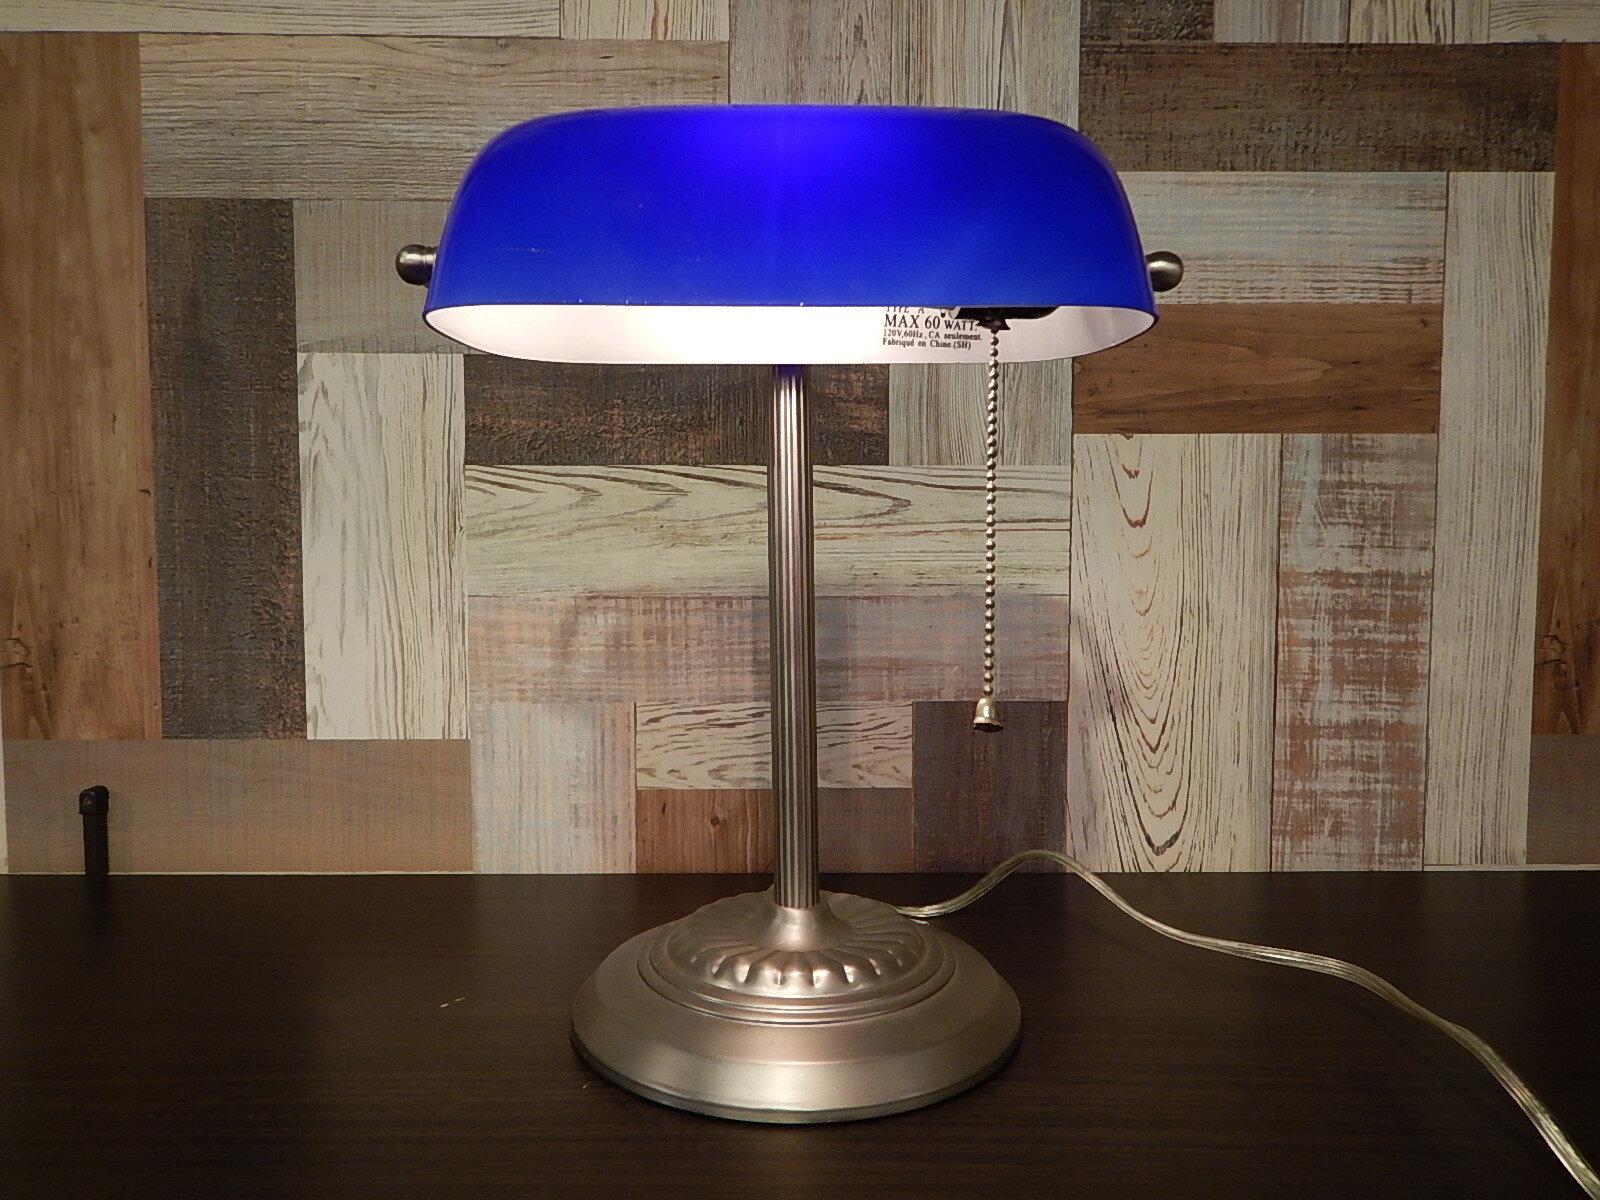 品番0036 デスクランプ 青 電気スタンド 電球 スタンド ヴィンテージ 011